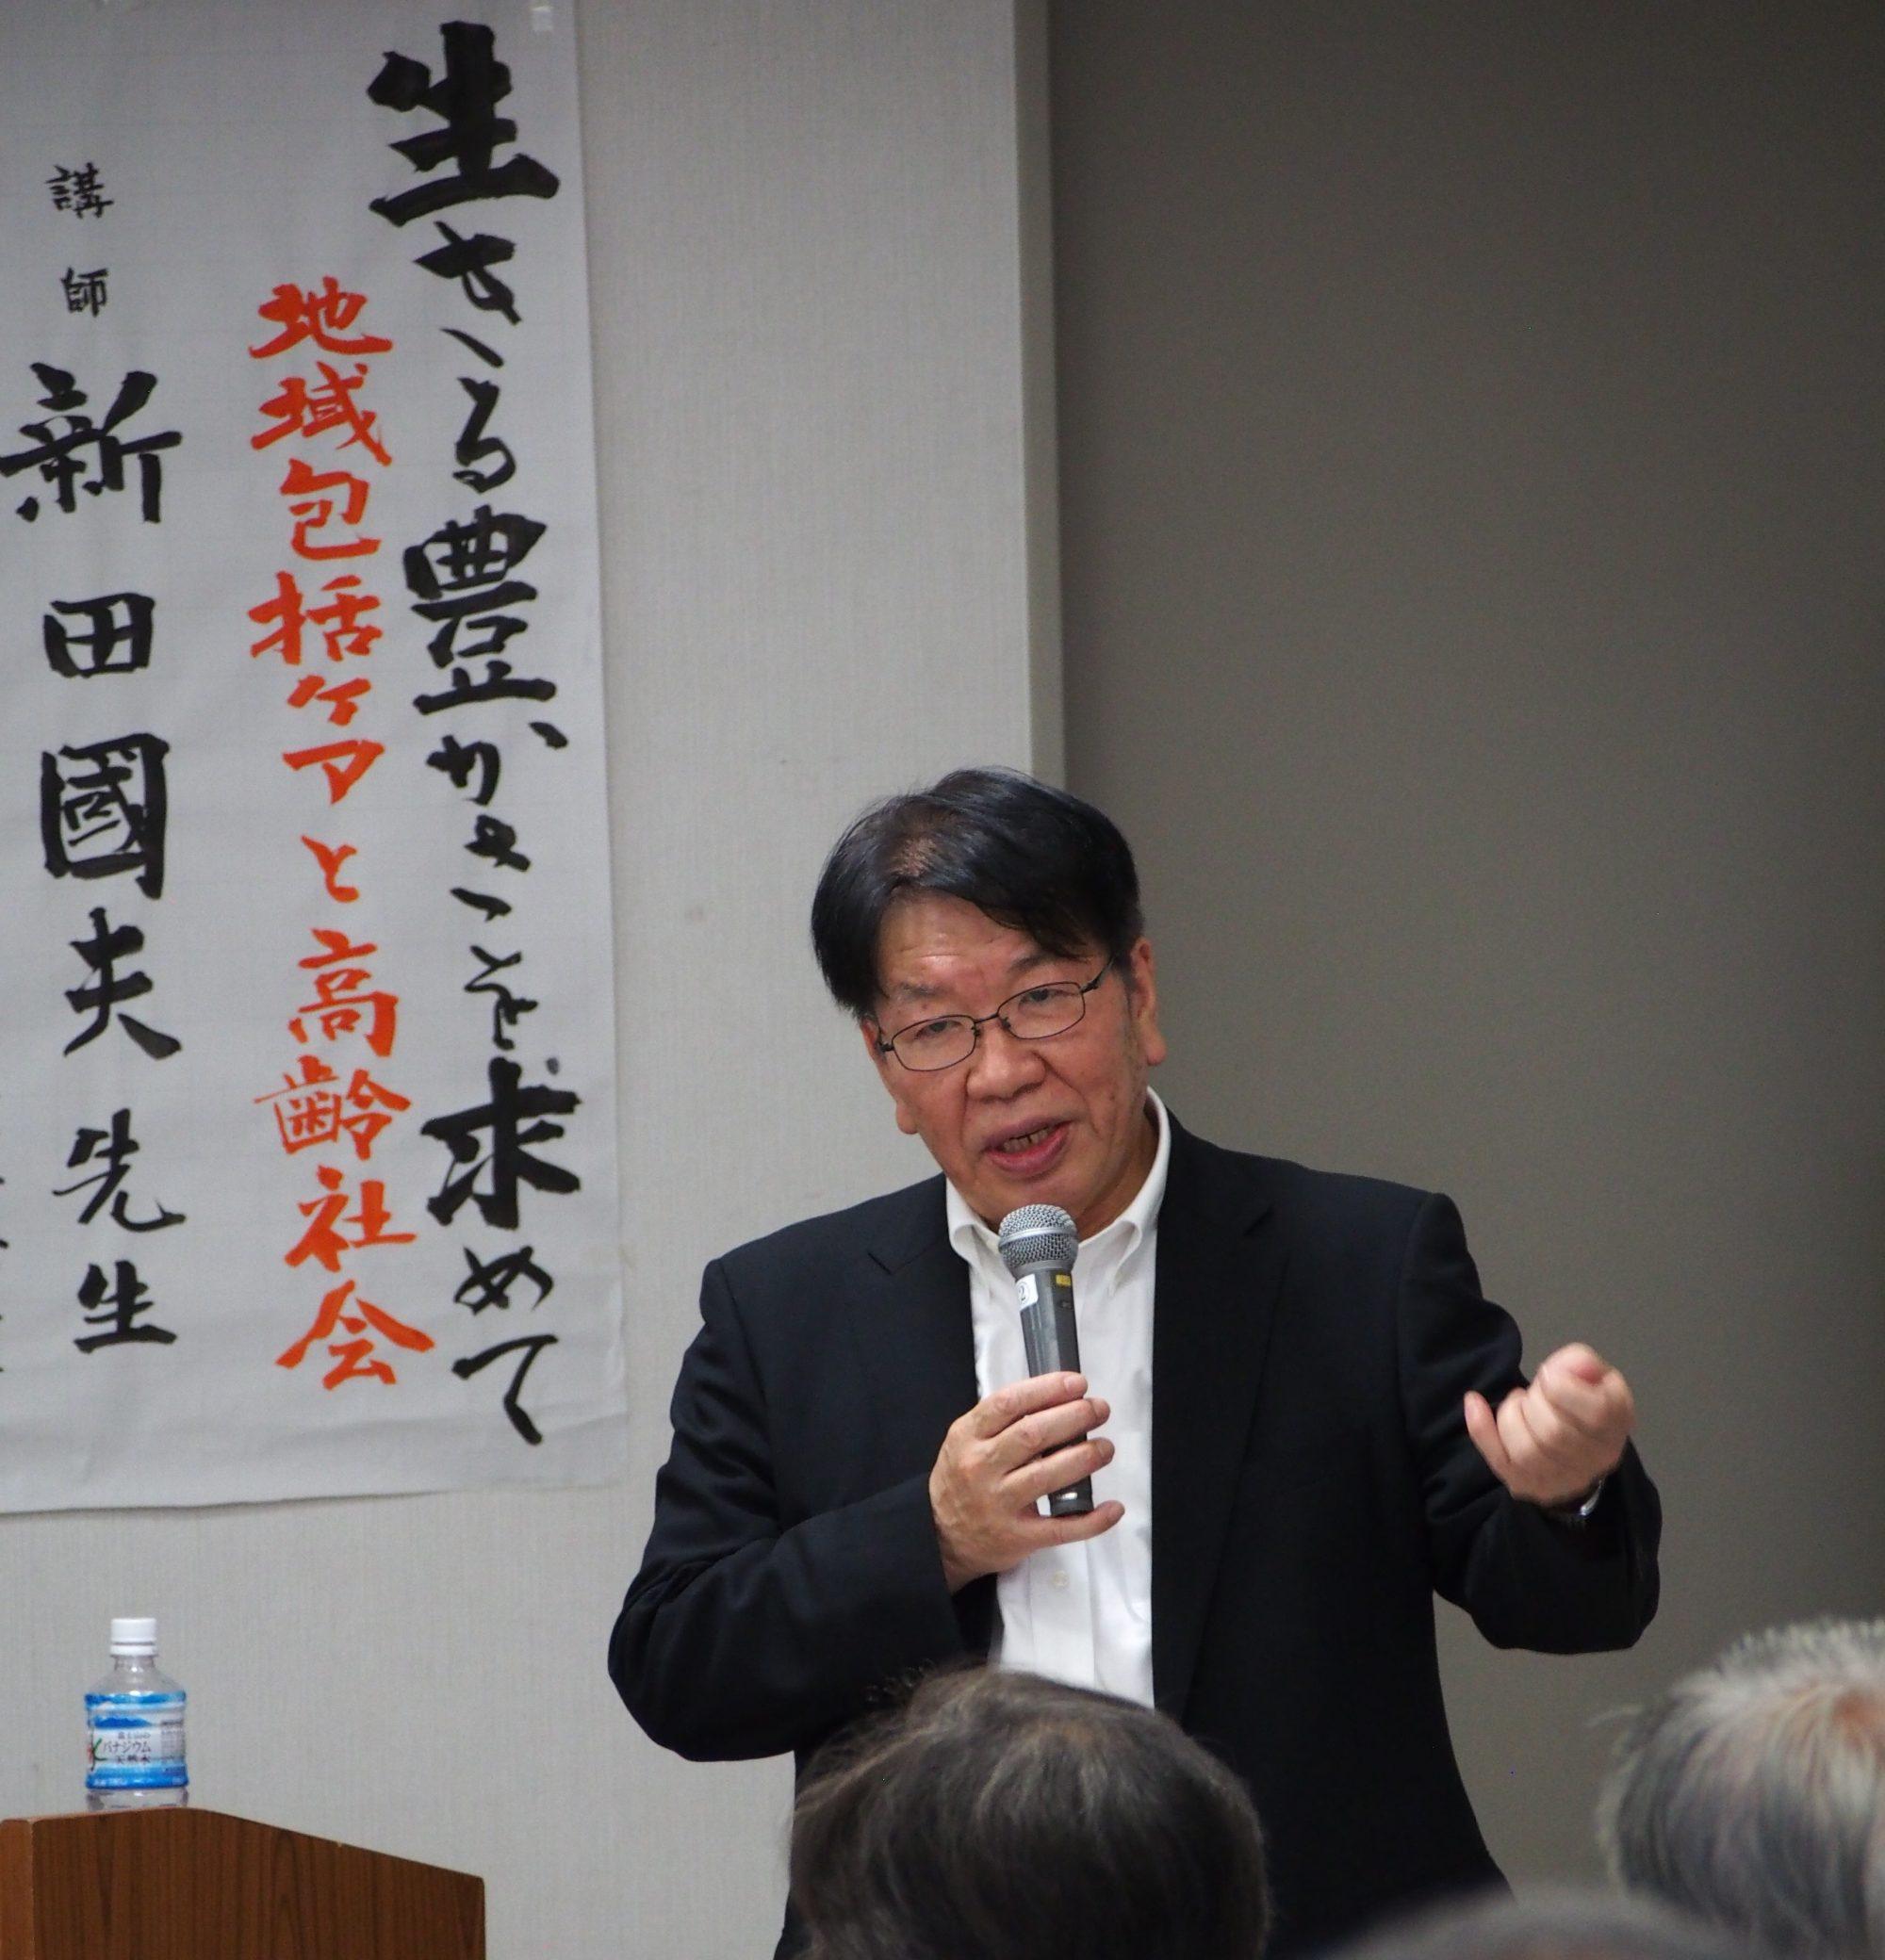 新田先生講演